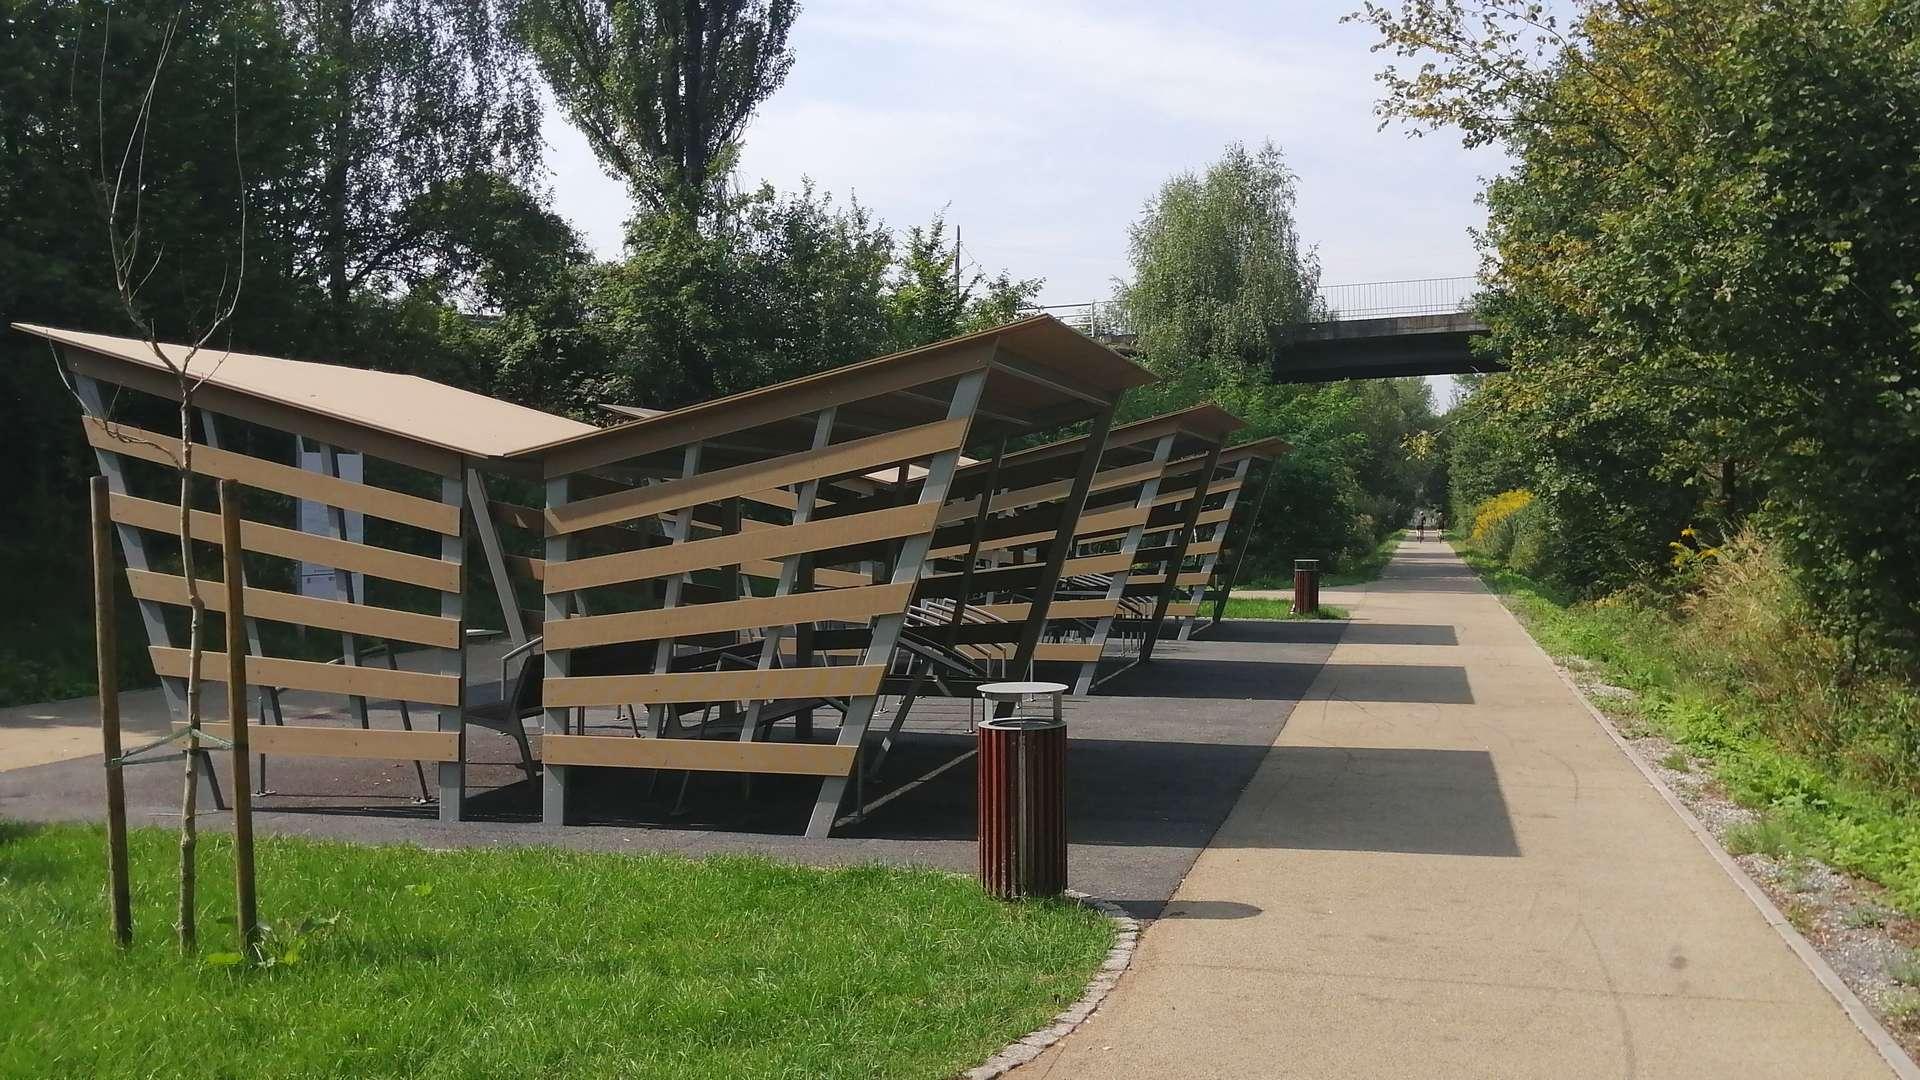 Miejsce odpoczynku na Żelaznym Szlaku Rowerowym w Zebrzydowicach.